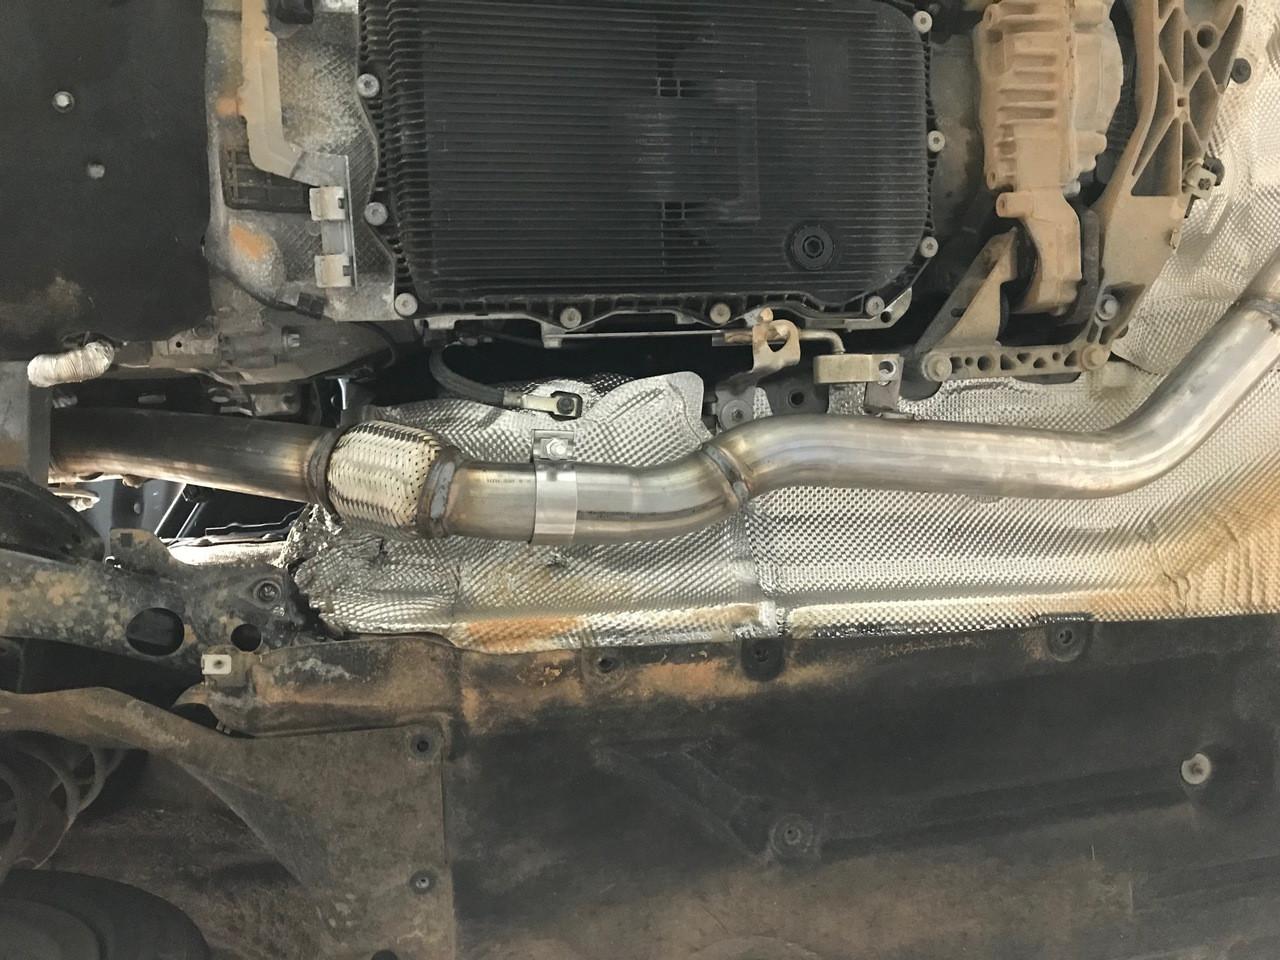 Buzzken - F25 X3 28D DPF/SCR delete (AAR2422)